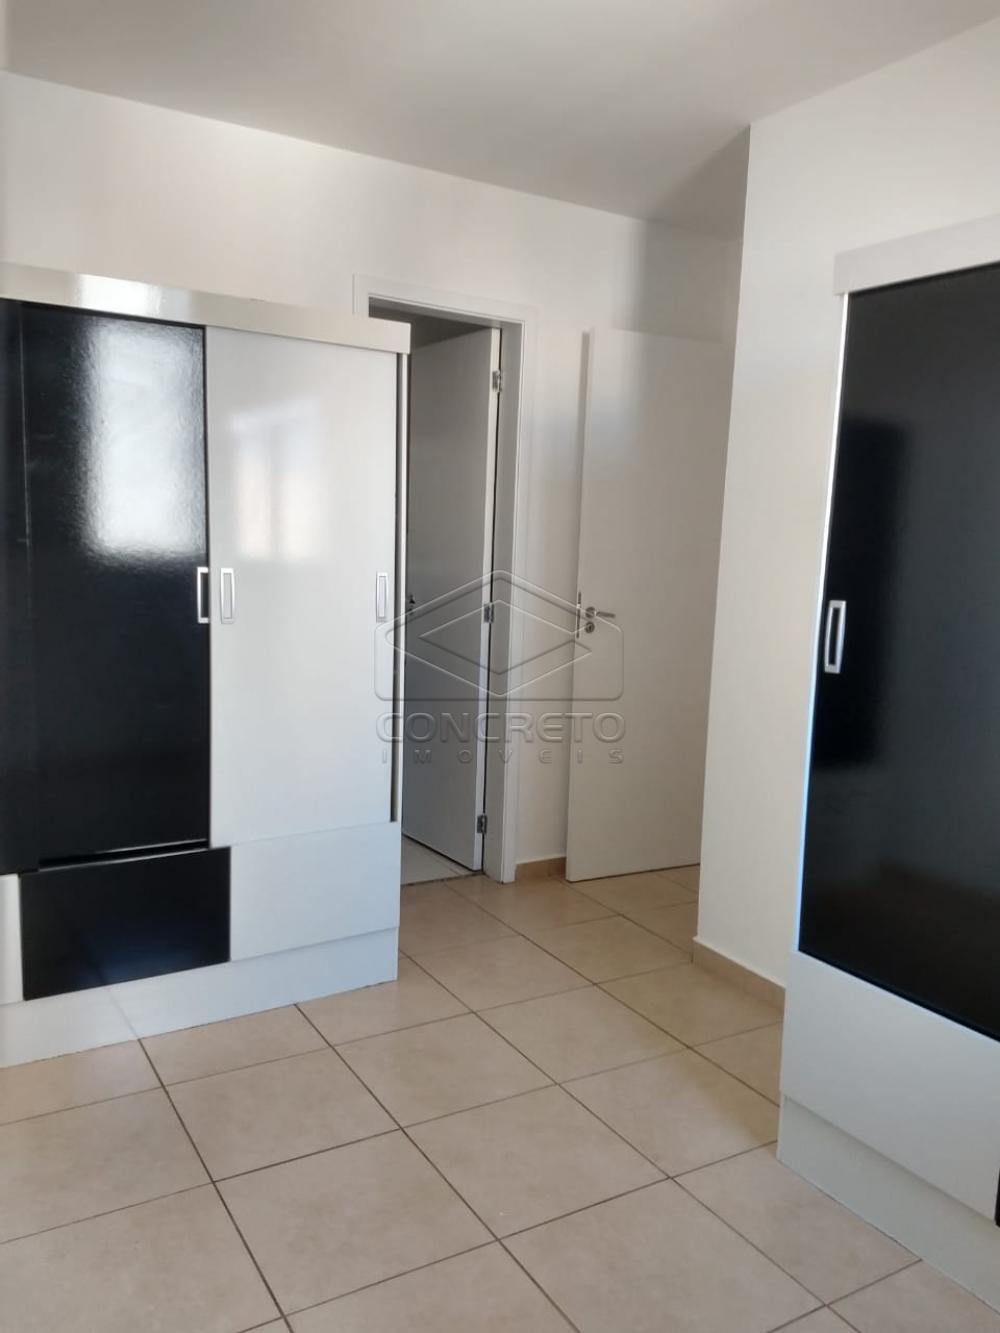 Comprar Apartamento / Padrão em Bauru R$ 228.000,00 - Foto 3